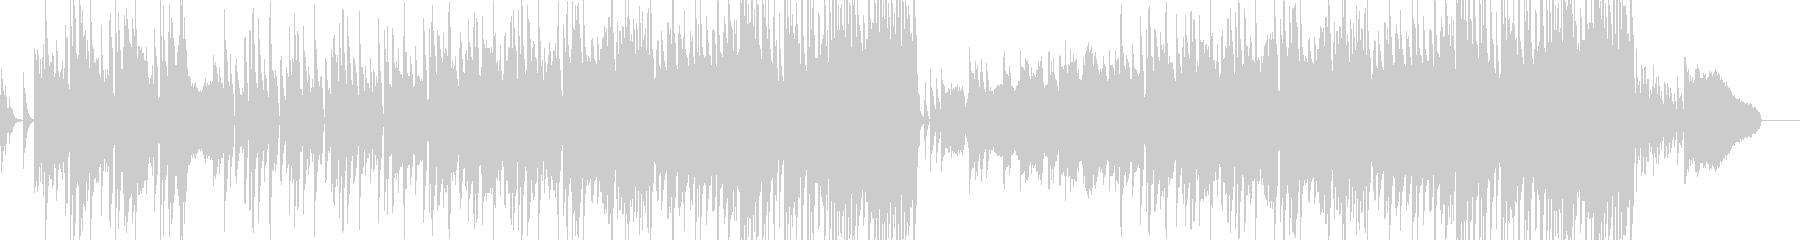 和風島唄風企業VPBGMオーケストラCMの未再生の波形